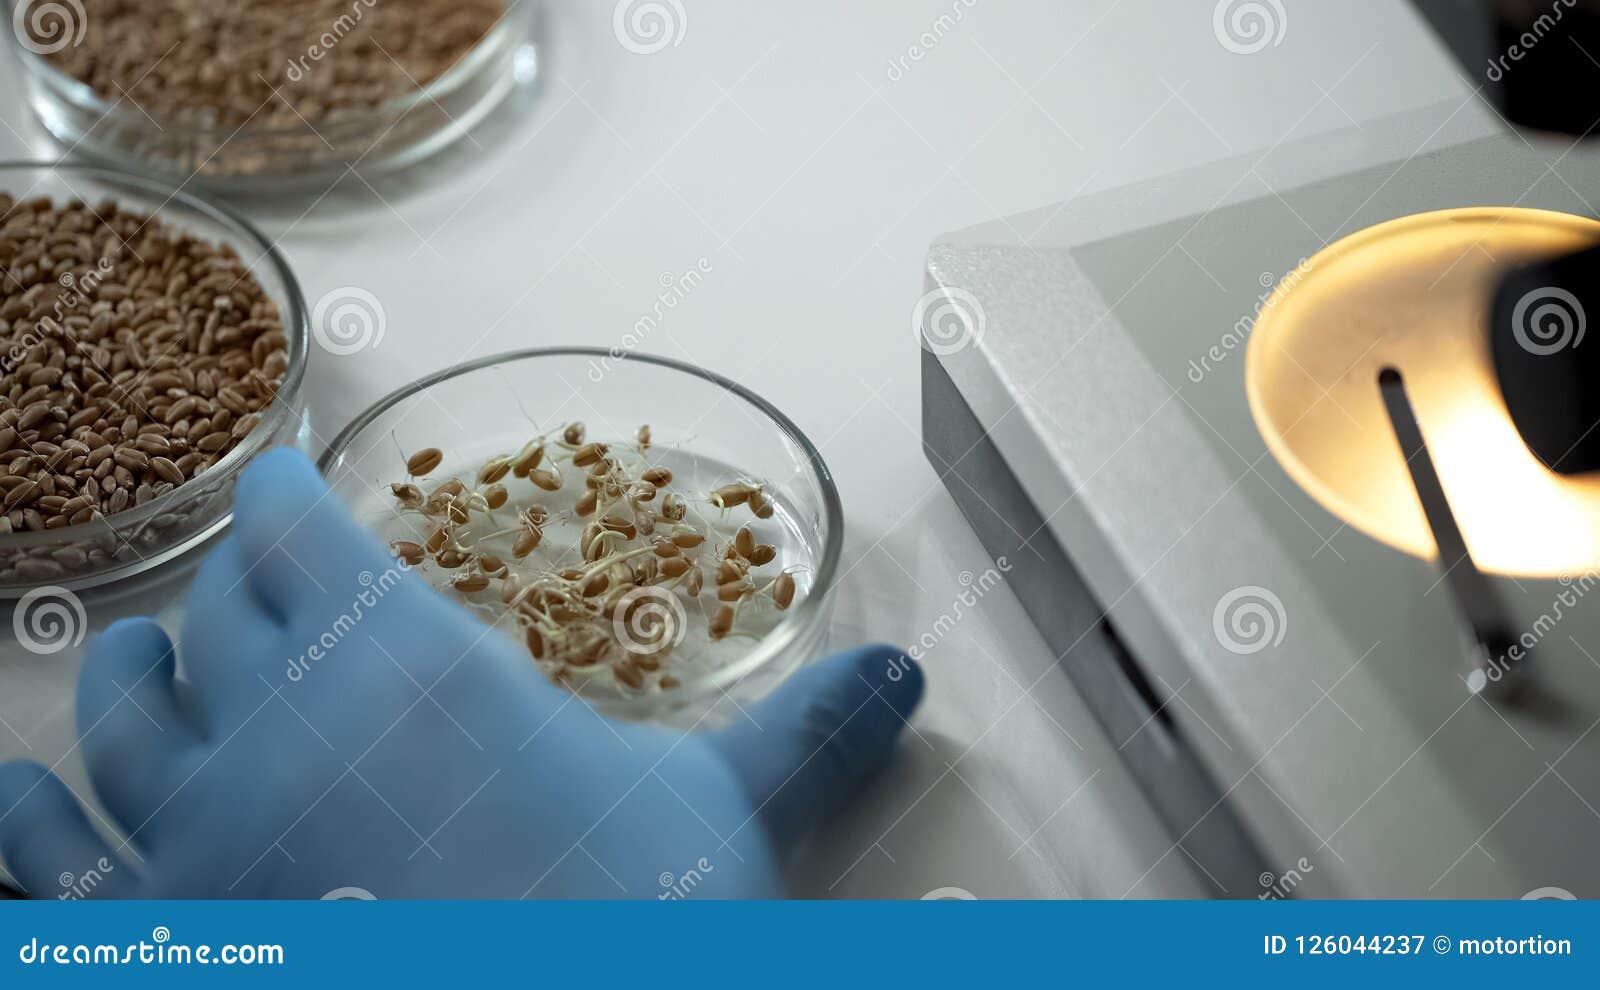 Laboratorium deskundige het fokken gewijzigde verscheidenheden van gewassen, het organische korrel groeien